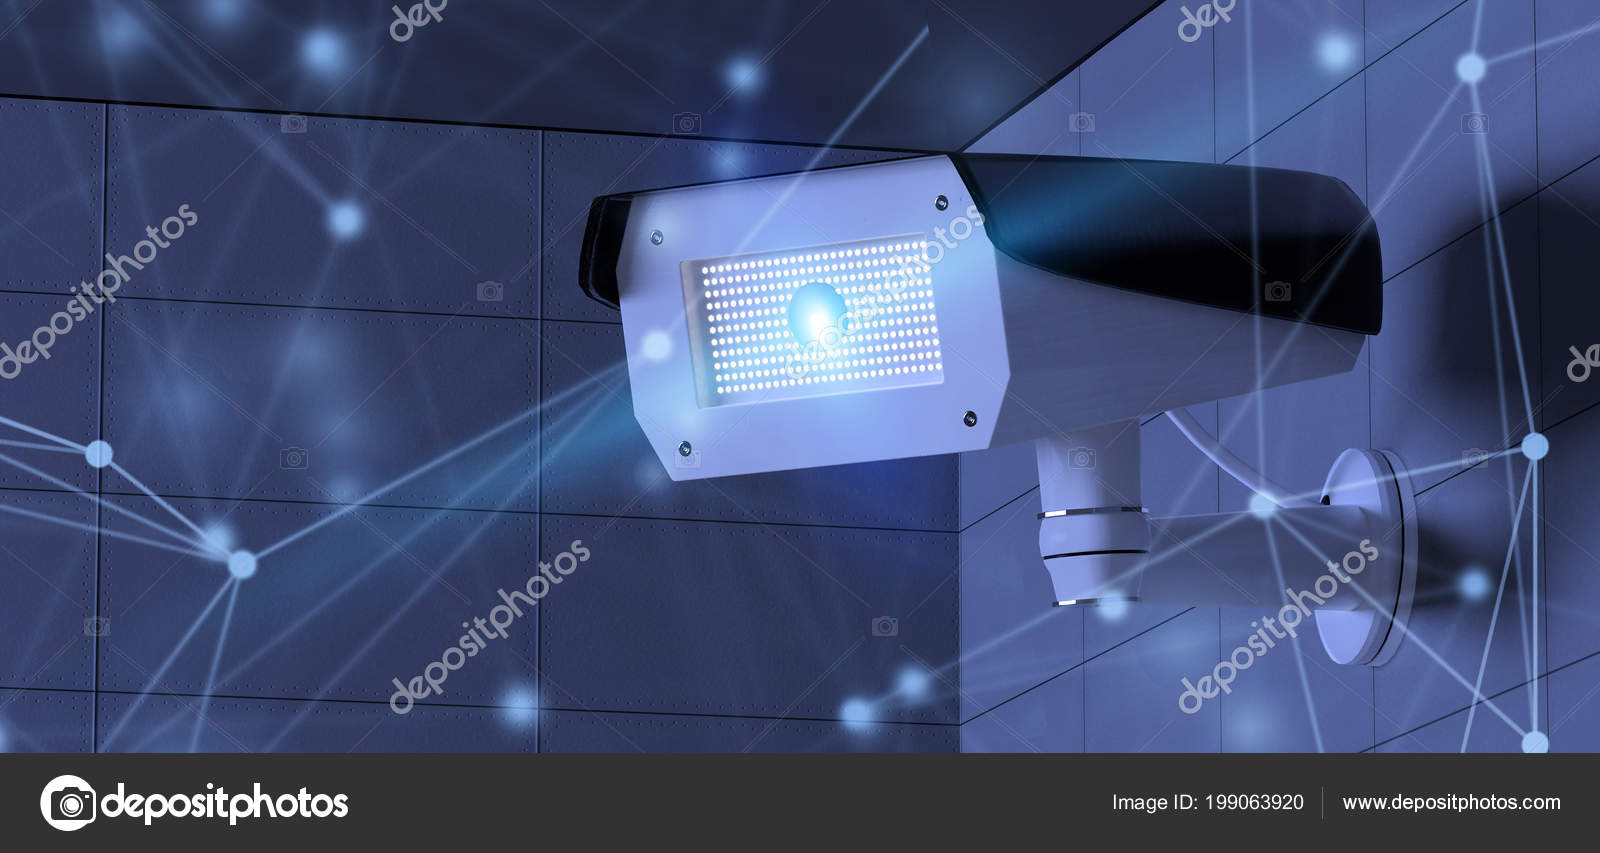 Vista Renderização Com Rede Sistema Câmera Segurança Cctv — Fotografia de  Stock 1b7d52da8e